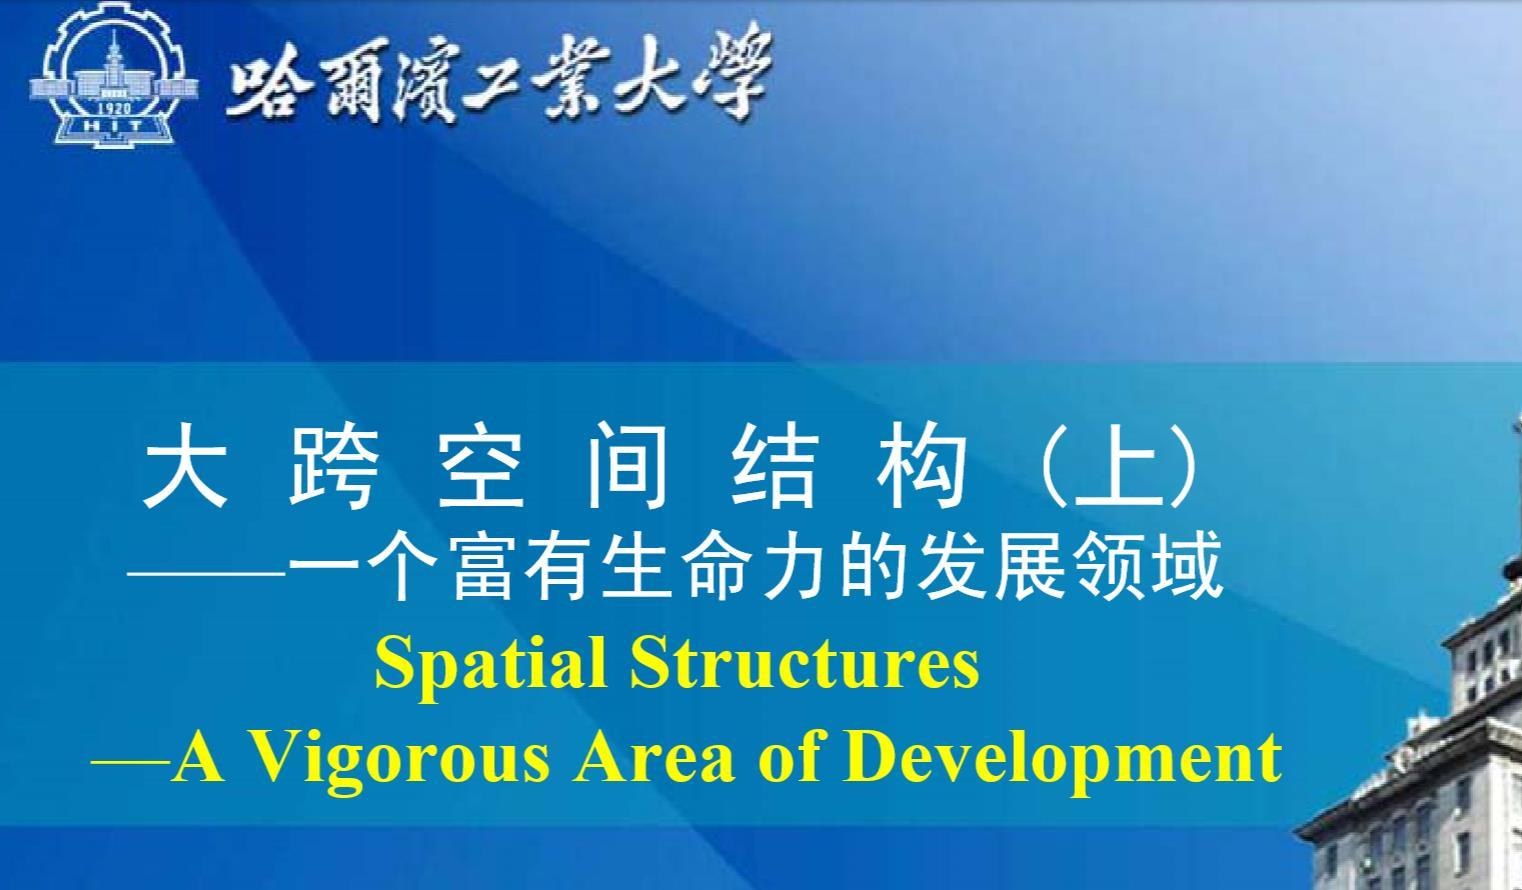 03大跨空间结构上下40讲-哈尔滨工业大学